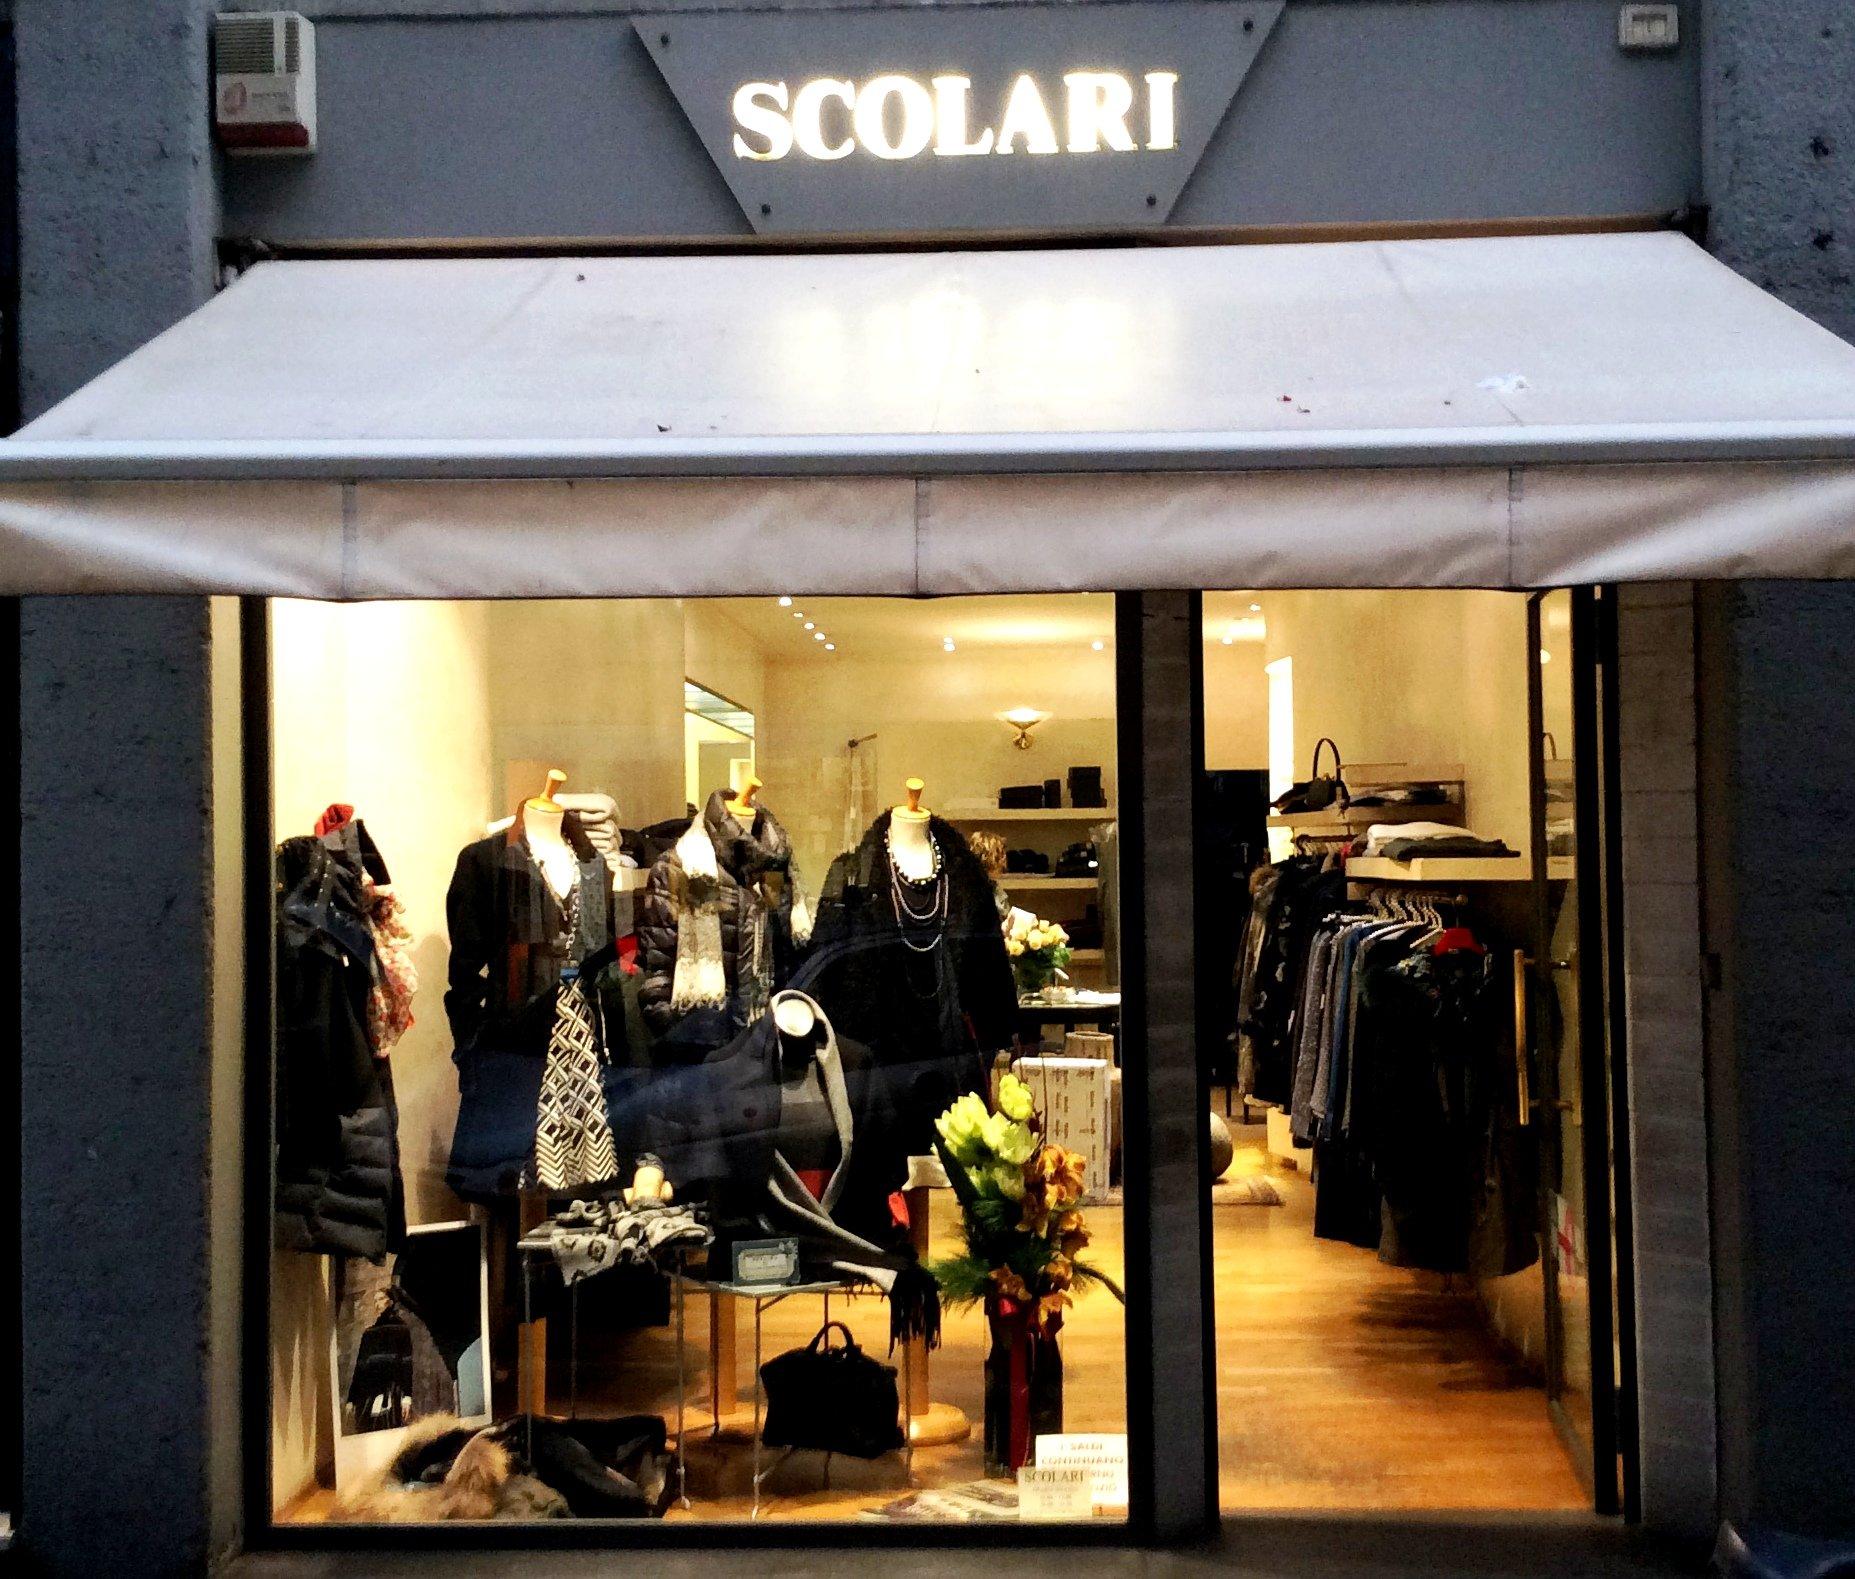 Scolari - Logo